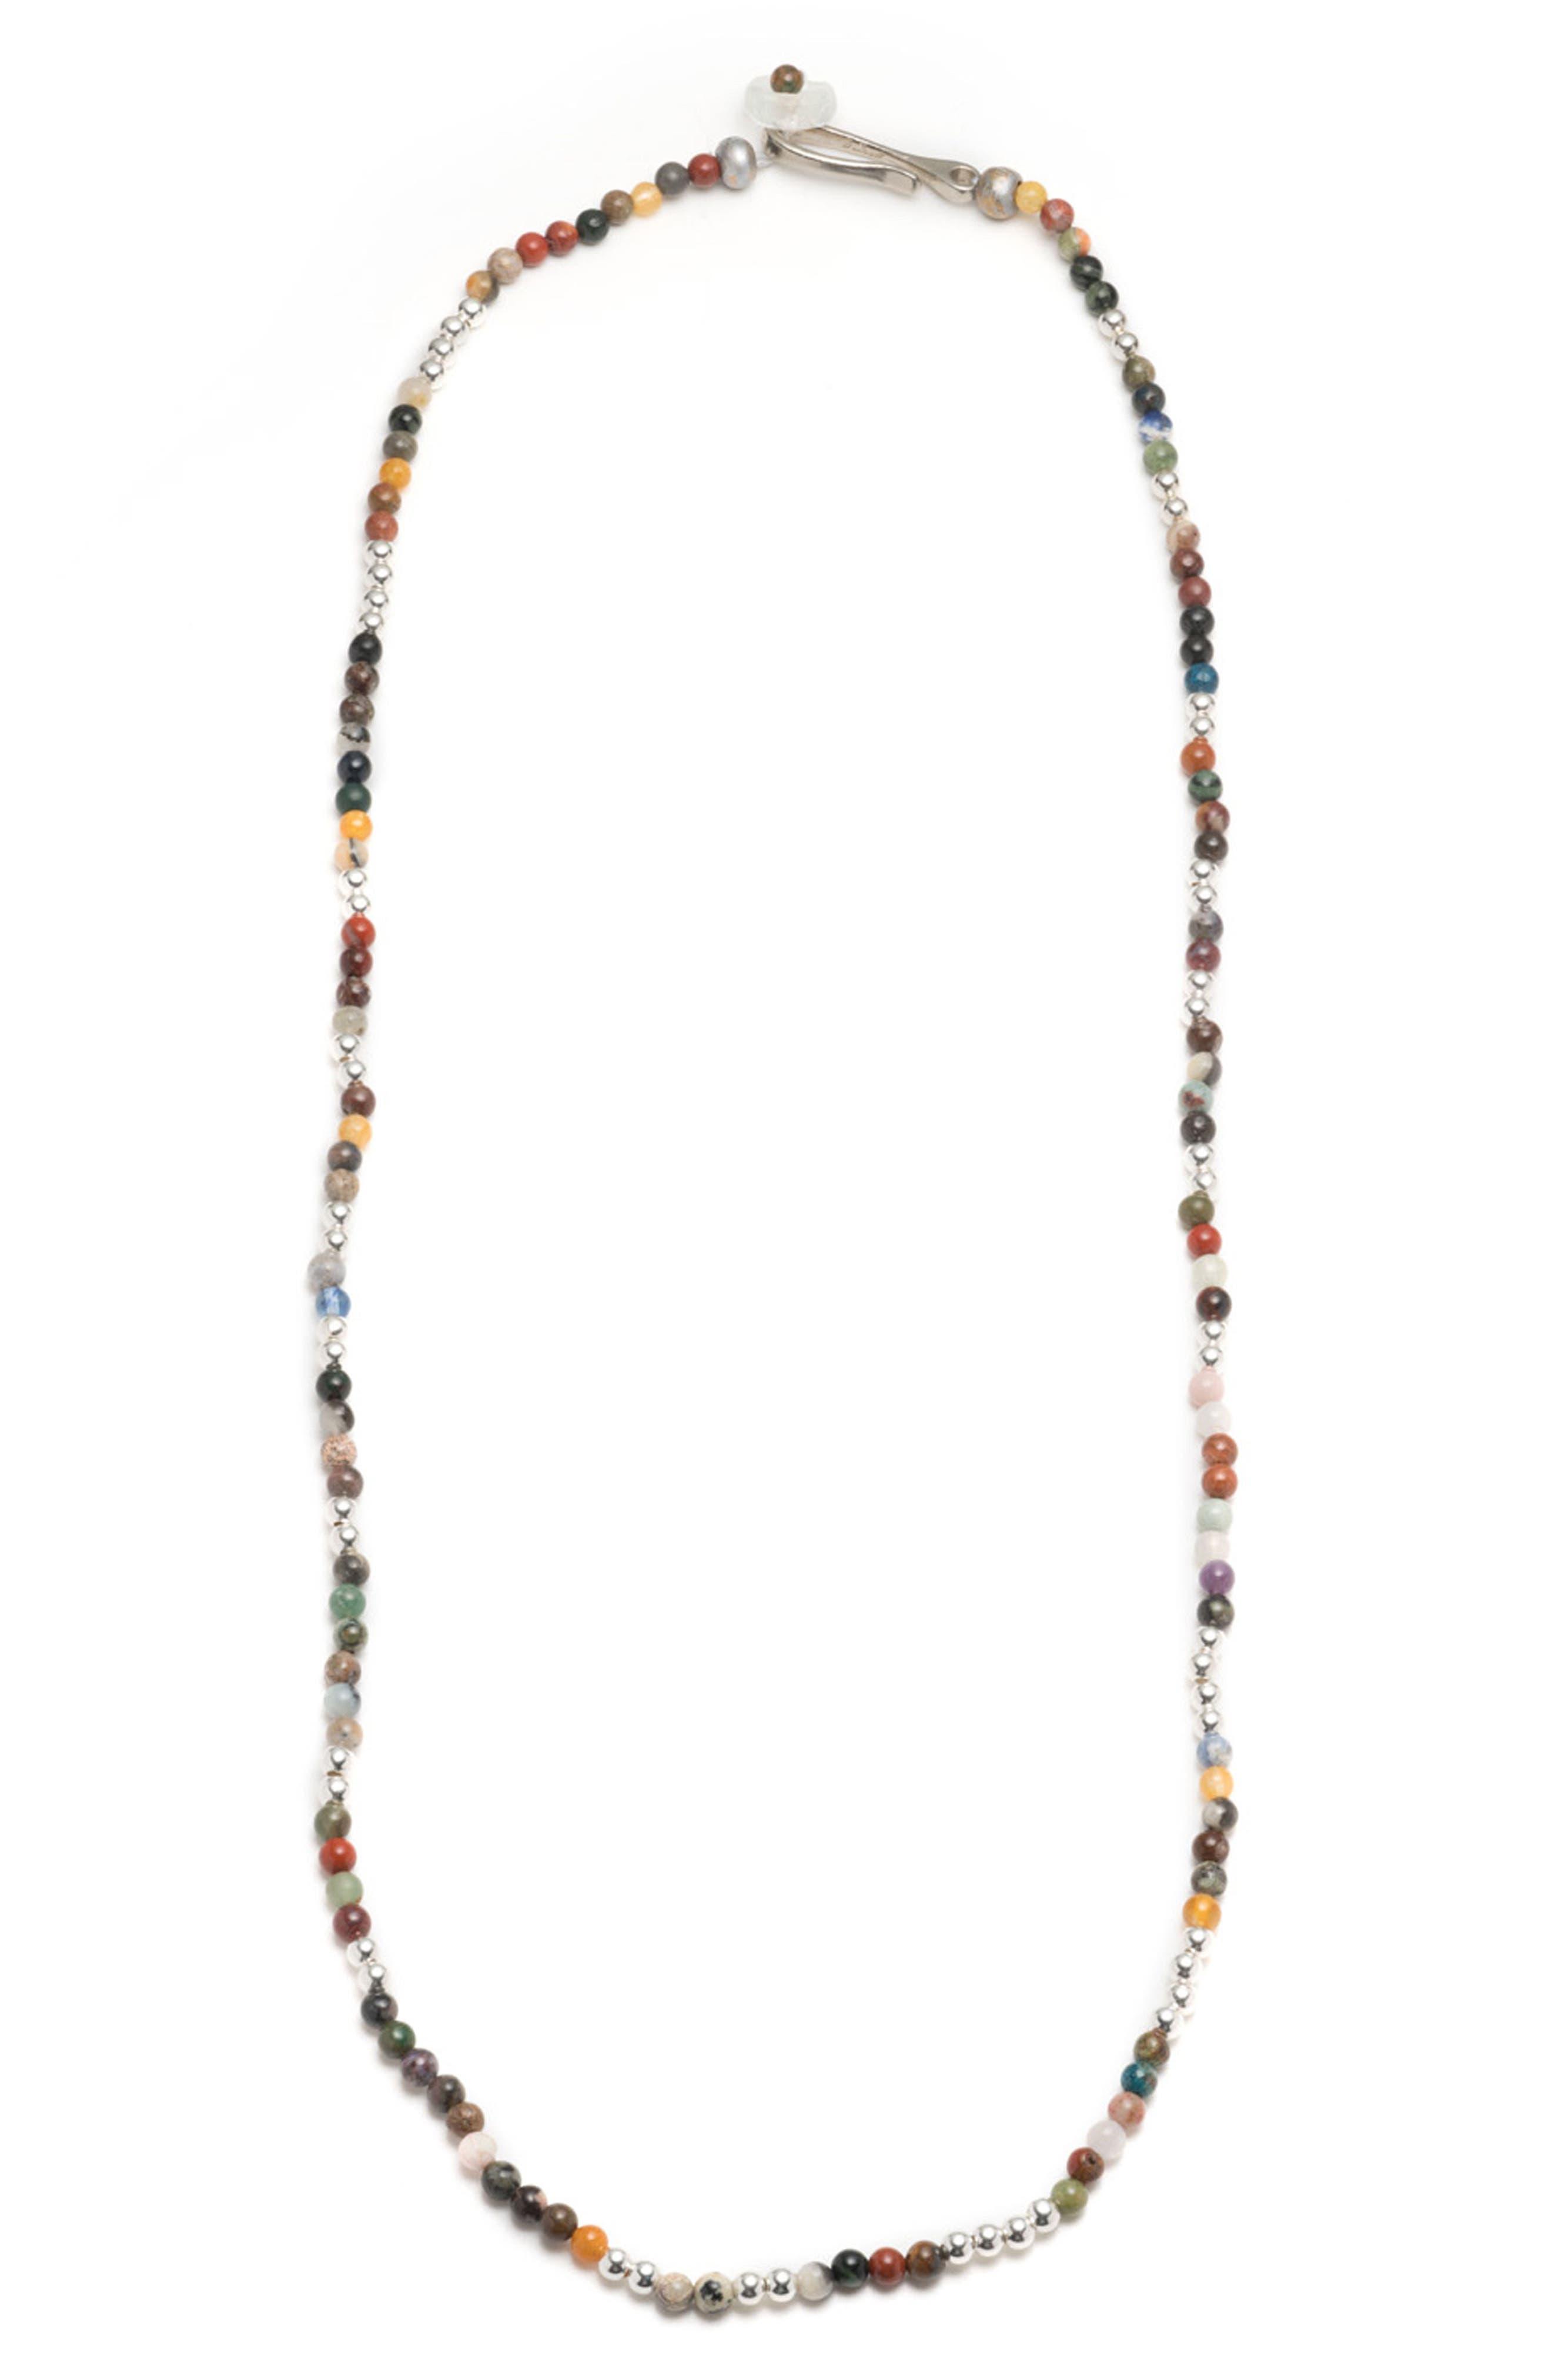 George Frost Essaouira Necklace